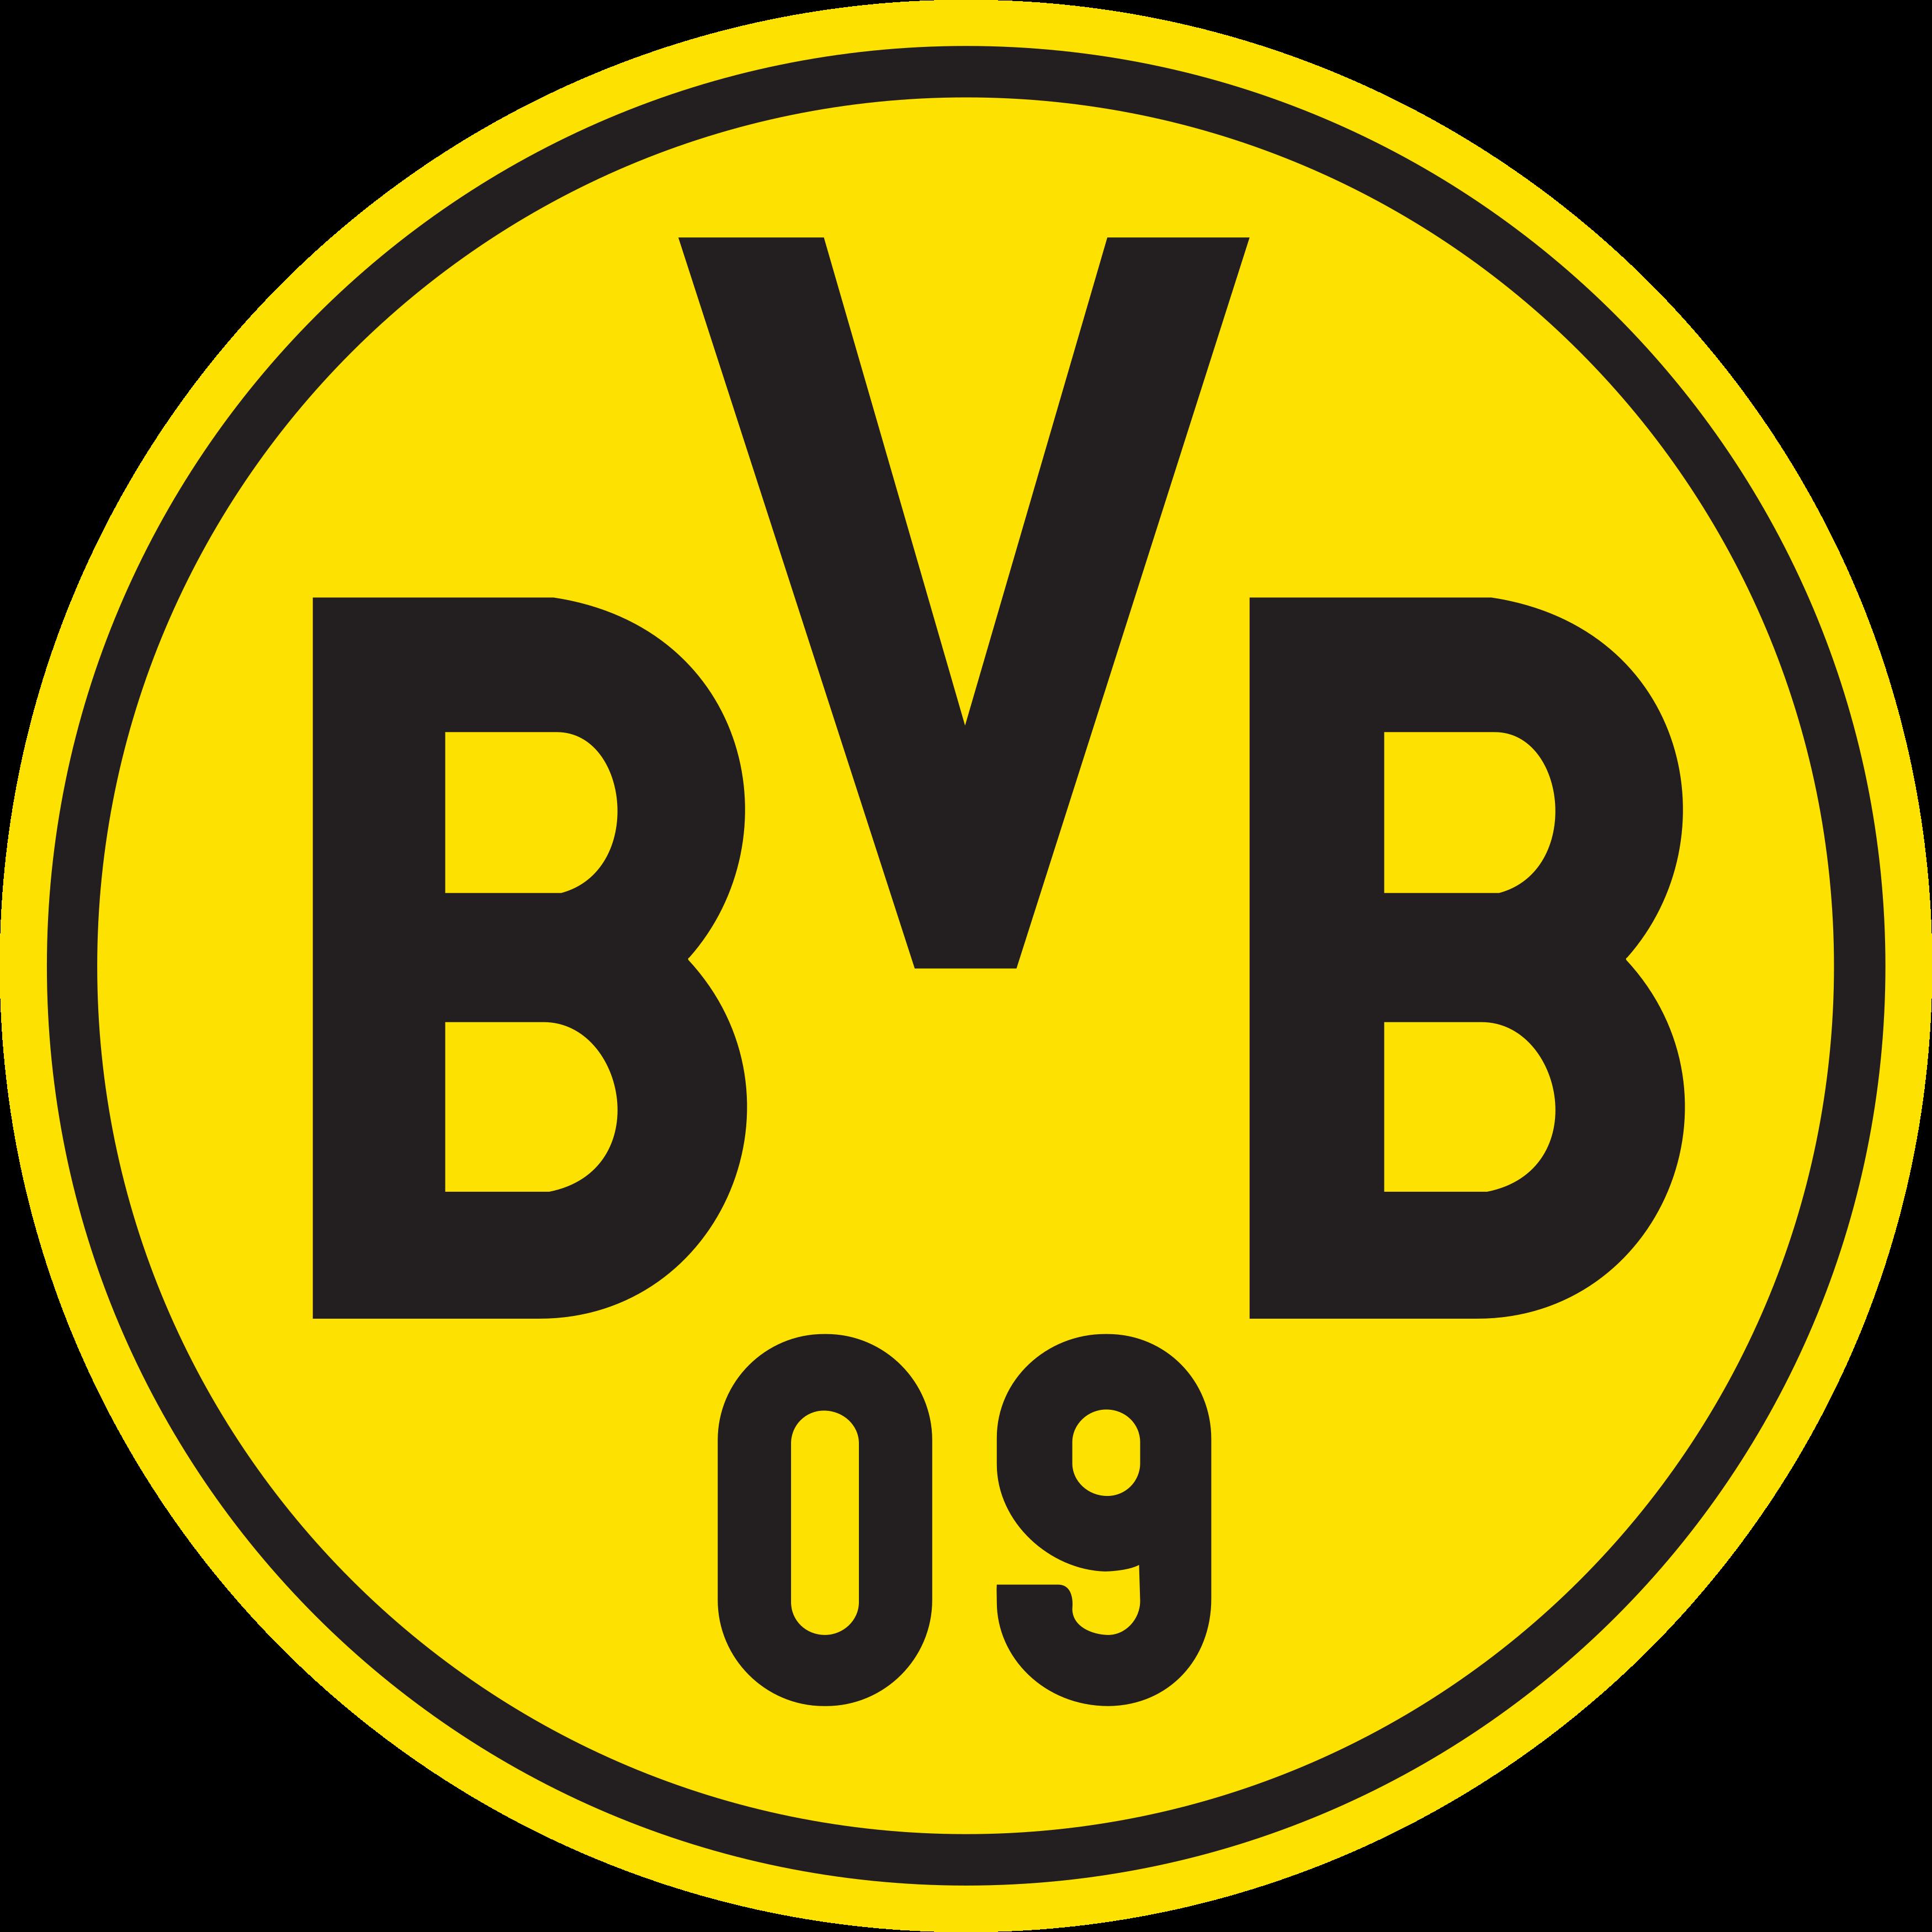 Borussia Borussia logo, escudo, shield.